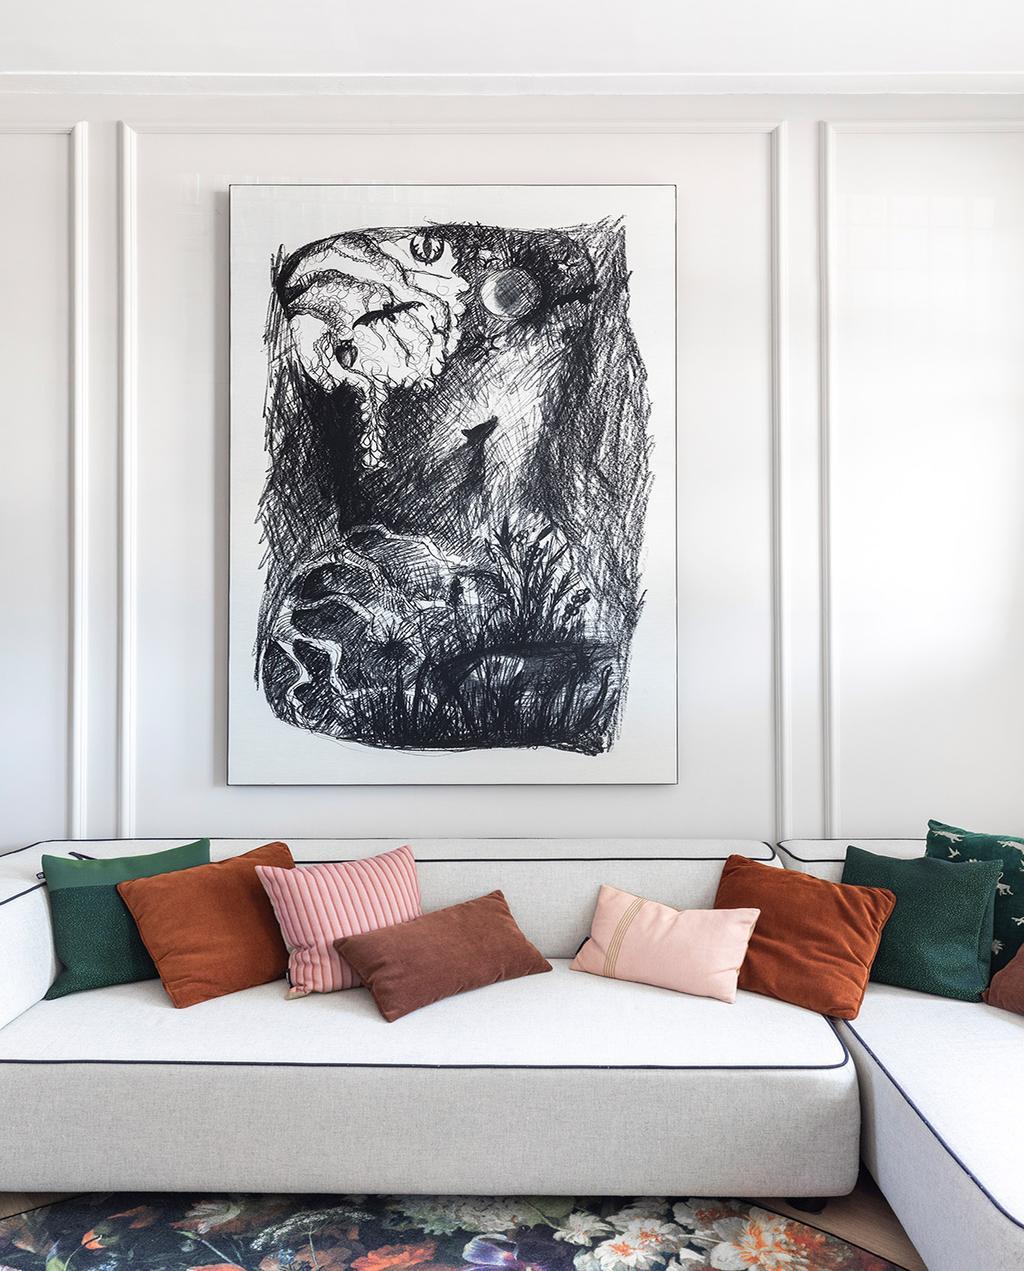 vtwonen 01-2021 | binnenkijken bij interior junkie woonkamer met witte bank, gekleurde kussens en abstract schilderij